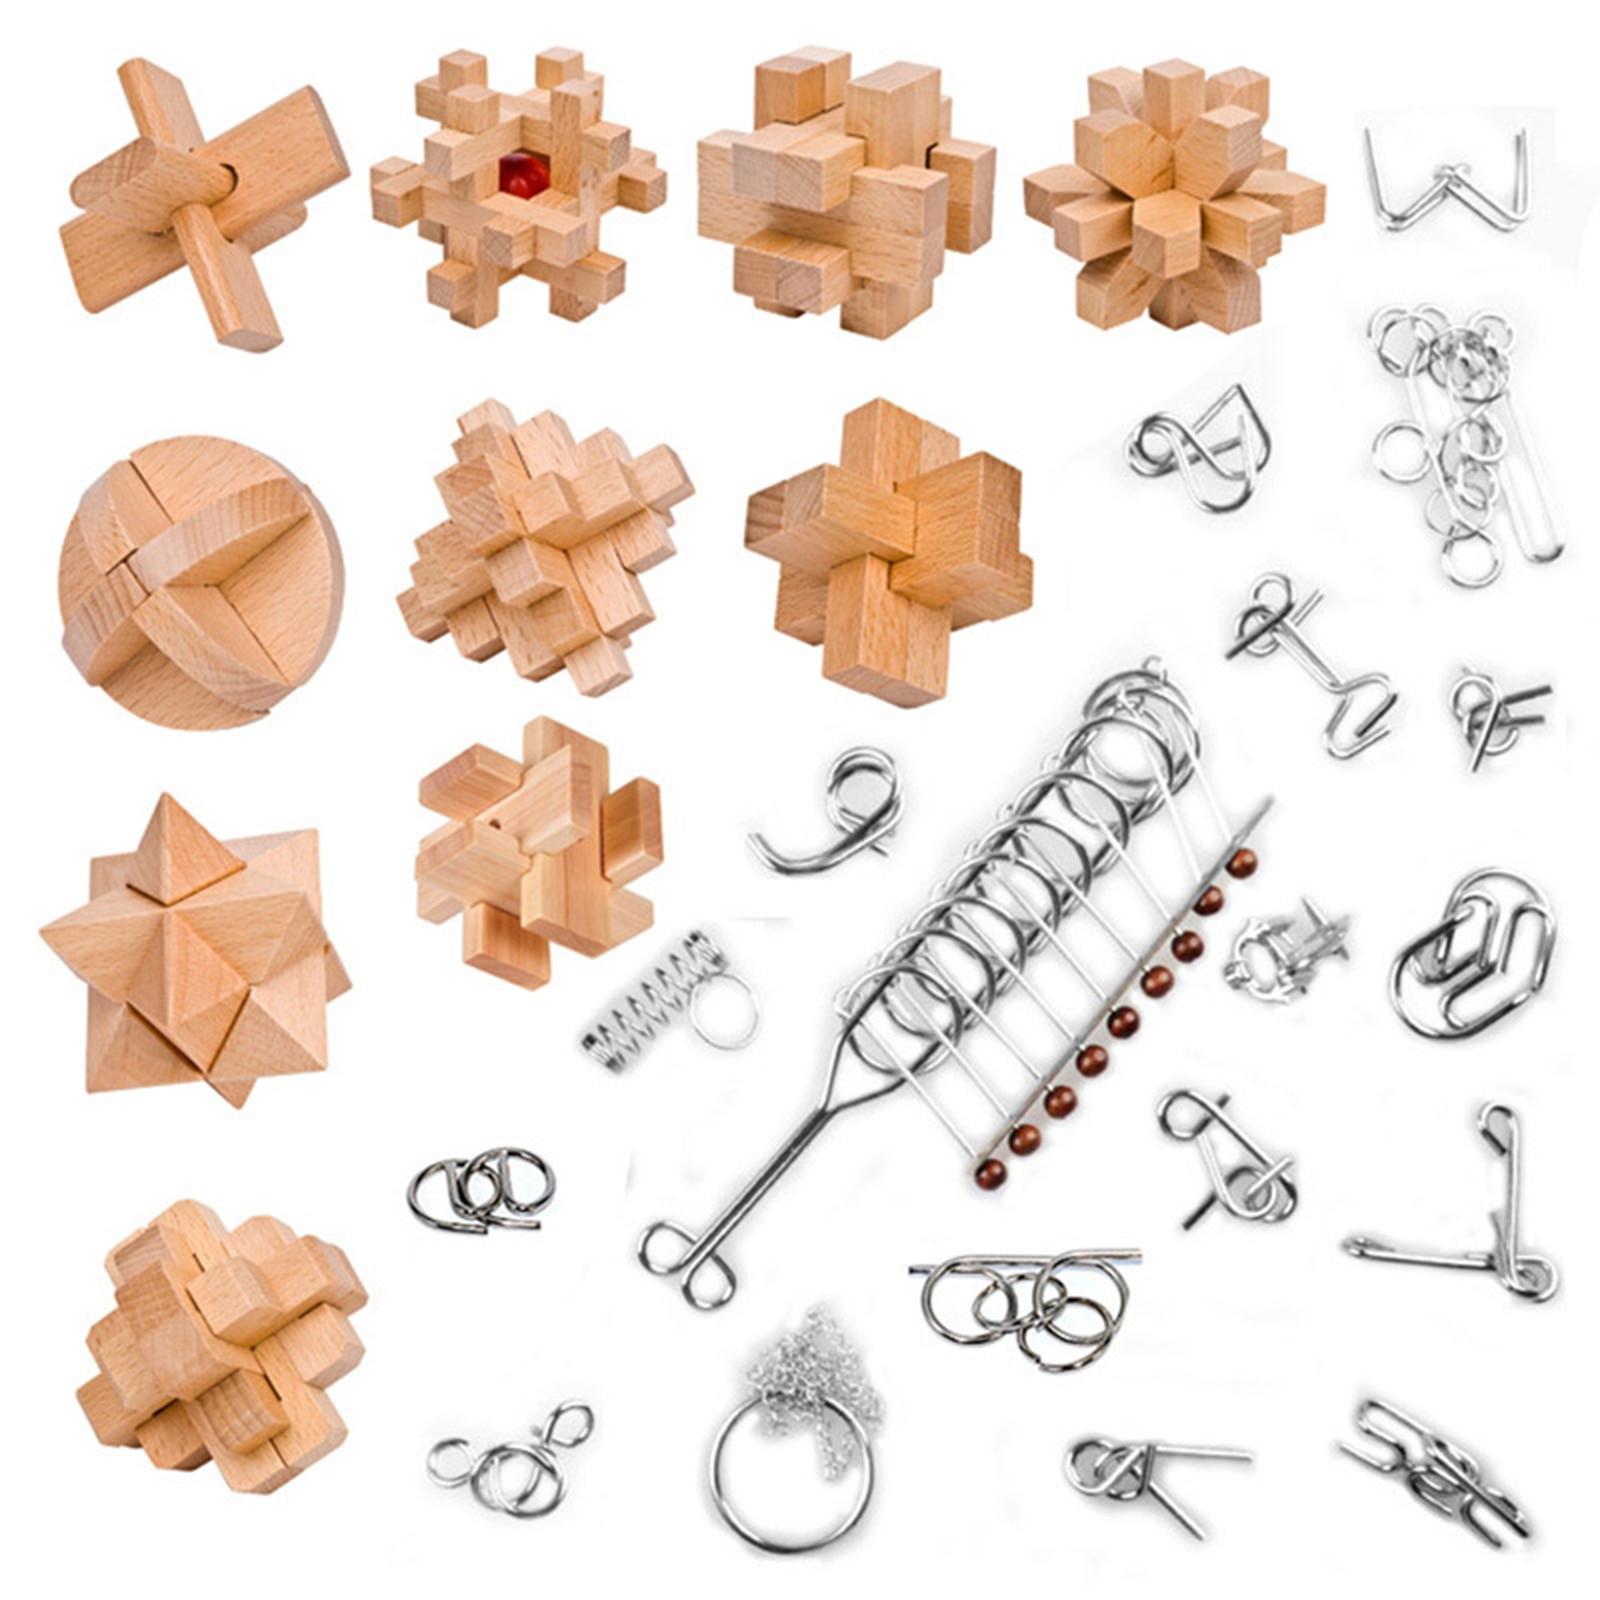 28 шт./компл. деревянная головоломка Kongming Luban Lock, металлические головоломки для обучения, обучающая игрушка, подарок для детей и взрослых